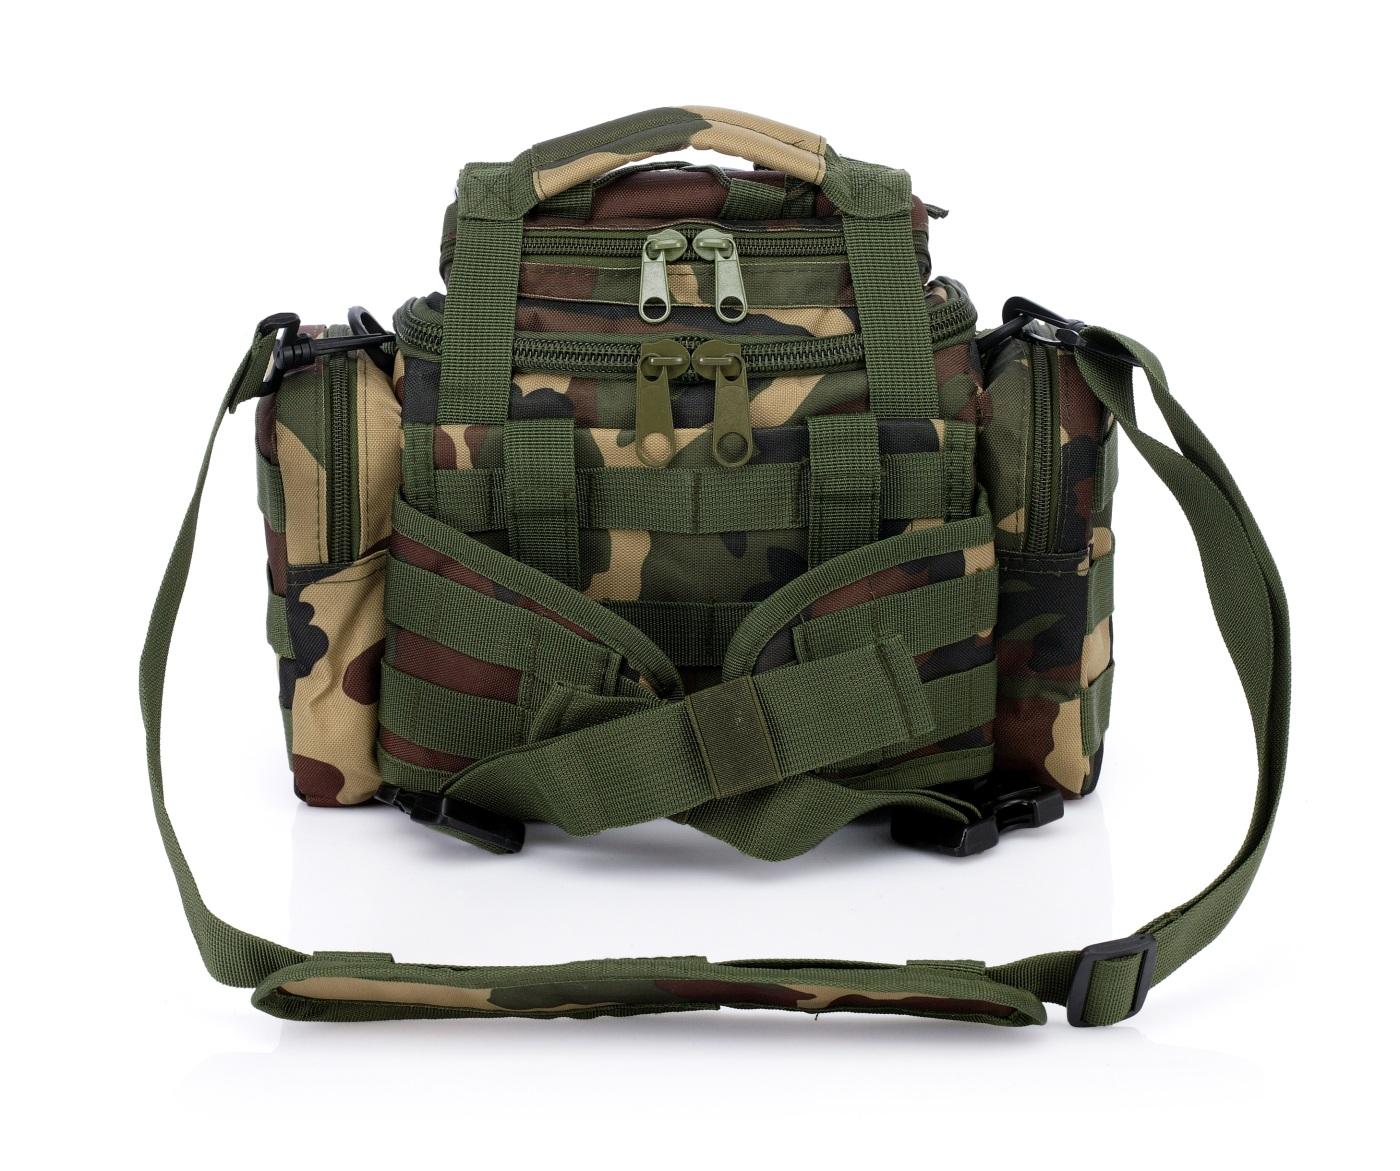 Камуфляжная сумка на плечо и пояс под камеру или фотоаппарат купить оптом и в розницу